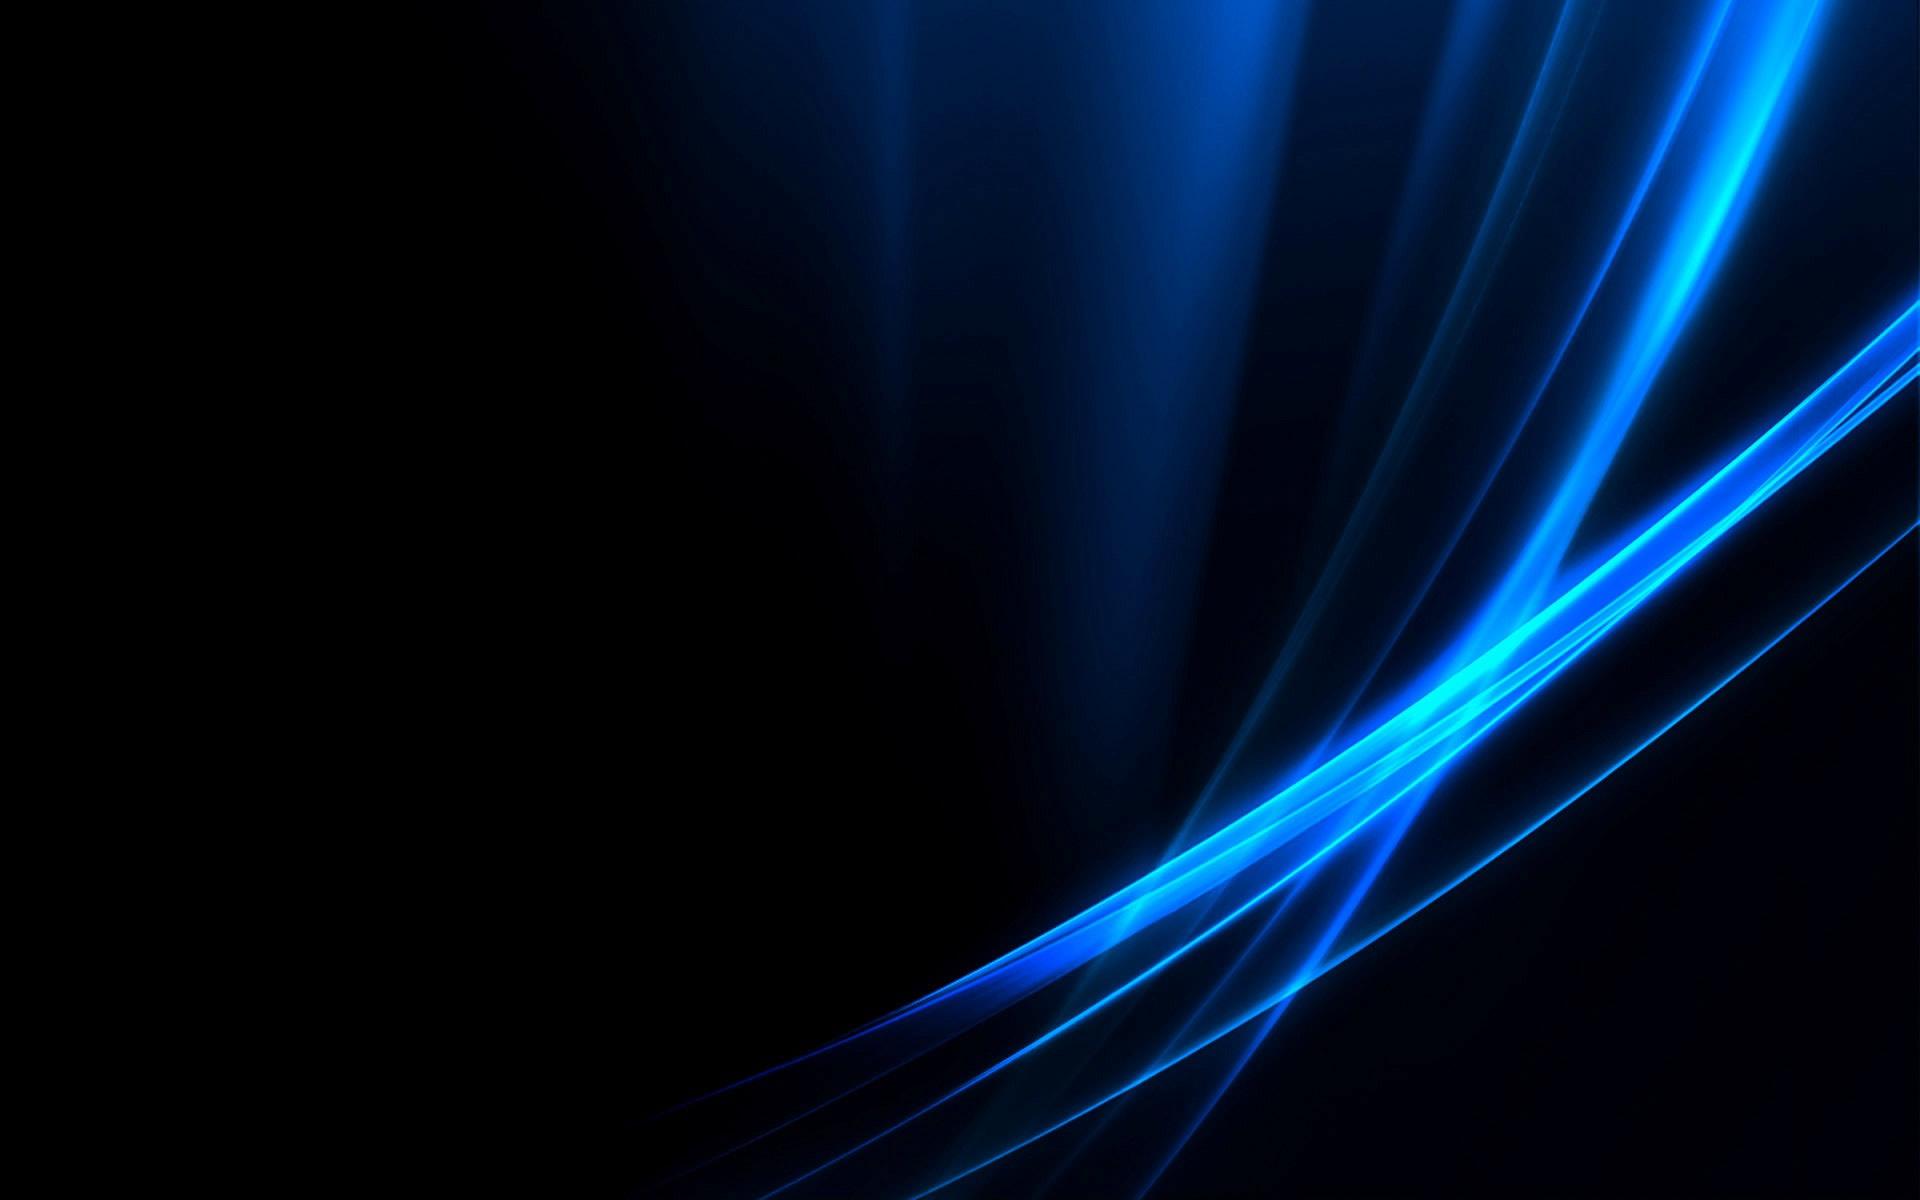 Blue Neon Hd Wallpaper Fondo Oscuro Dedominiopublico